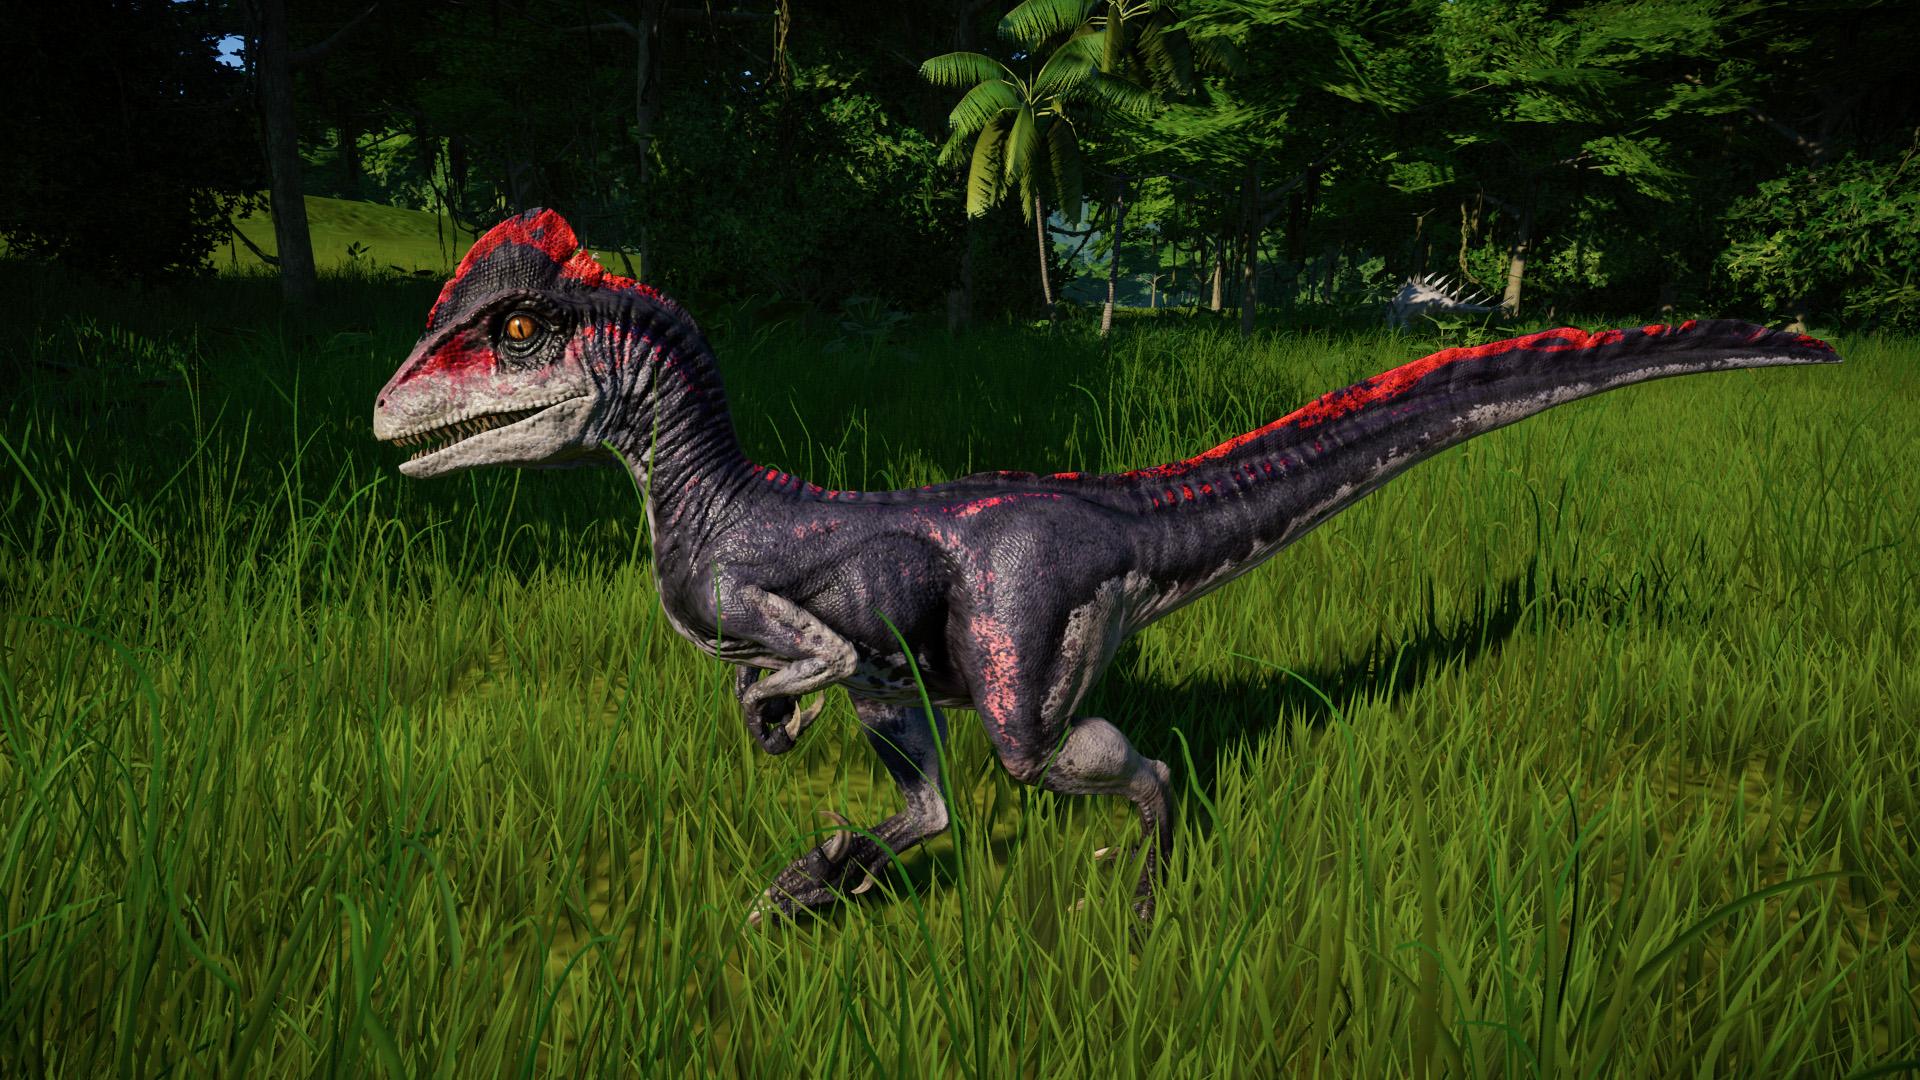 динозавр дейноних картинки свадебную церемонию